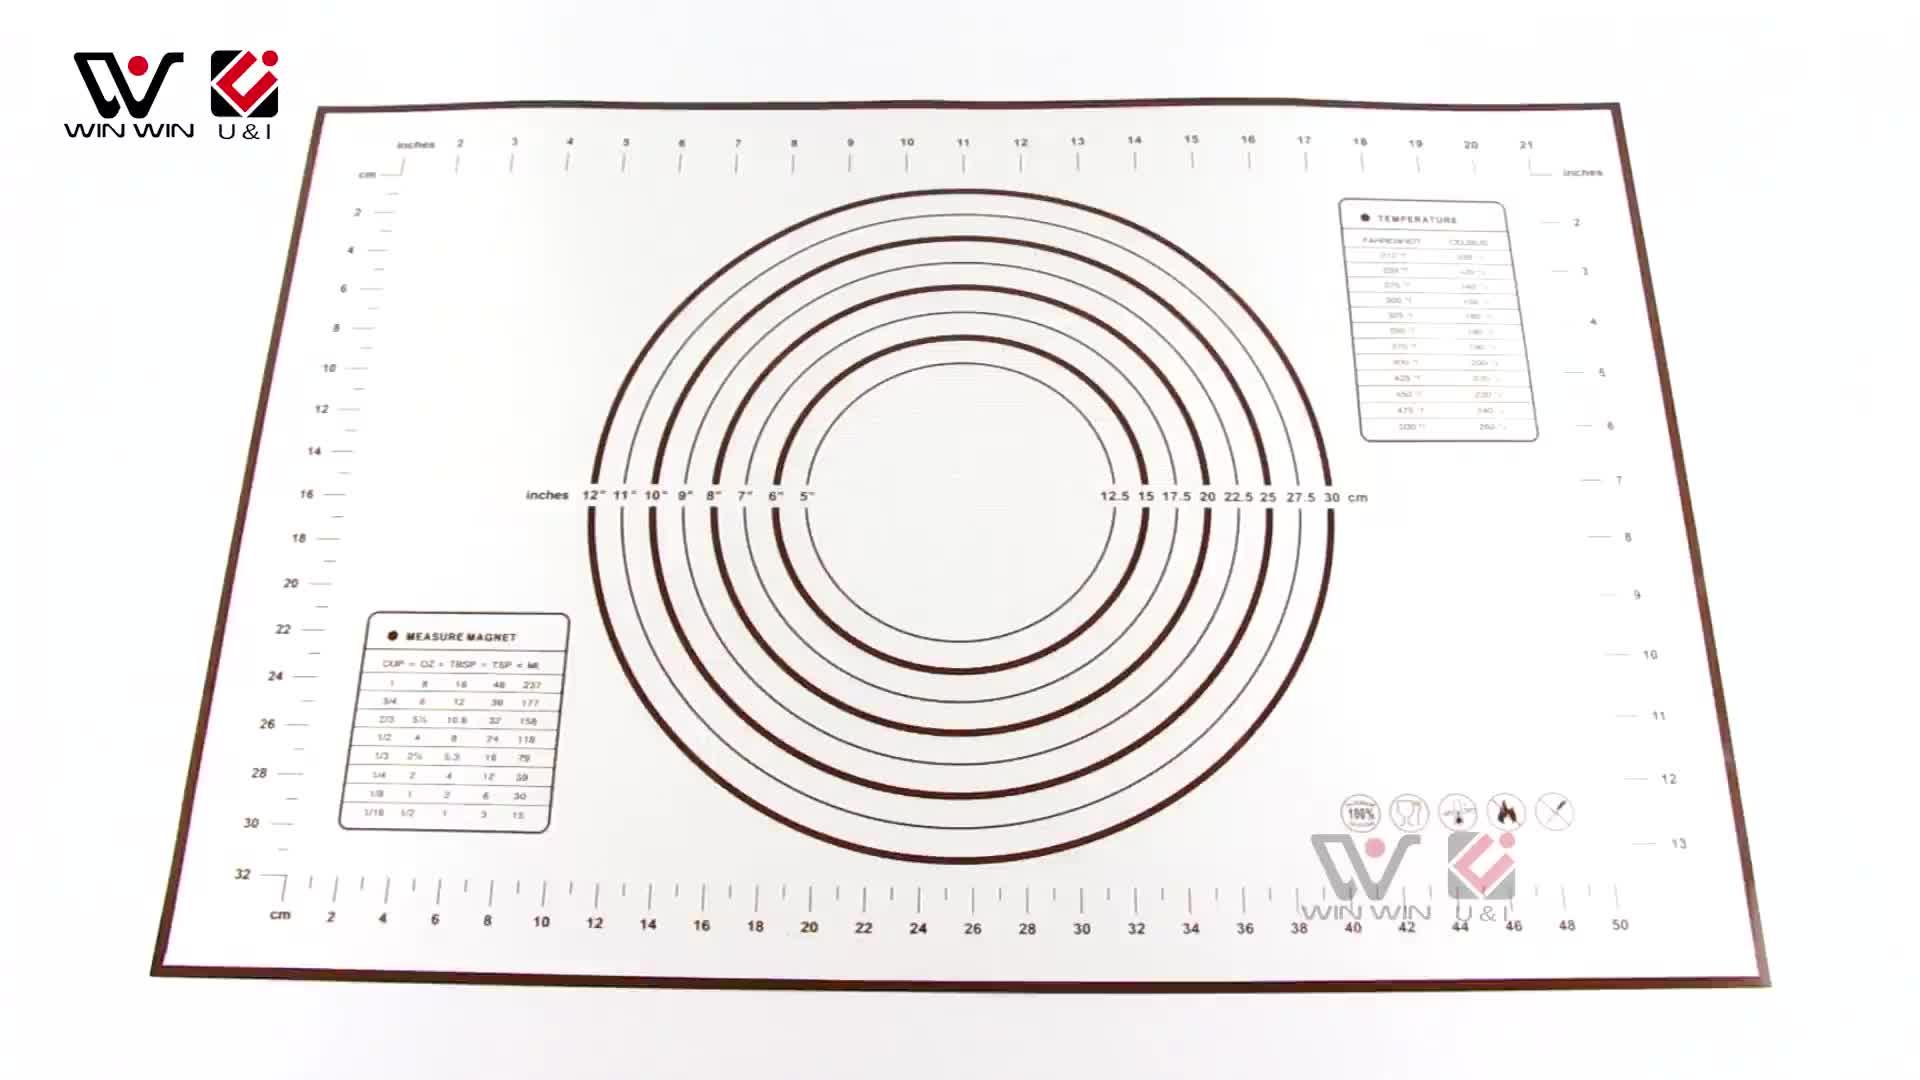 在线购物免费送货健康硅胶烘烤垫多功能烹饪垫硅胶糕点垫 60*40 厘米